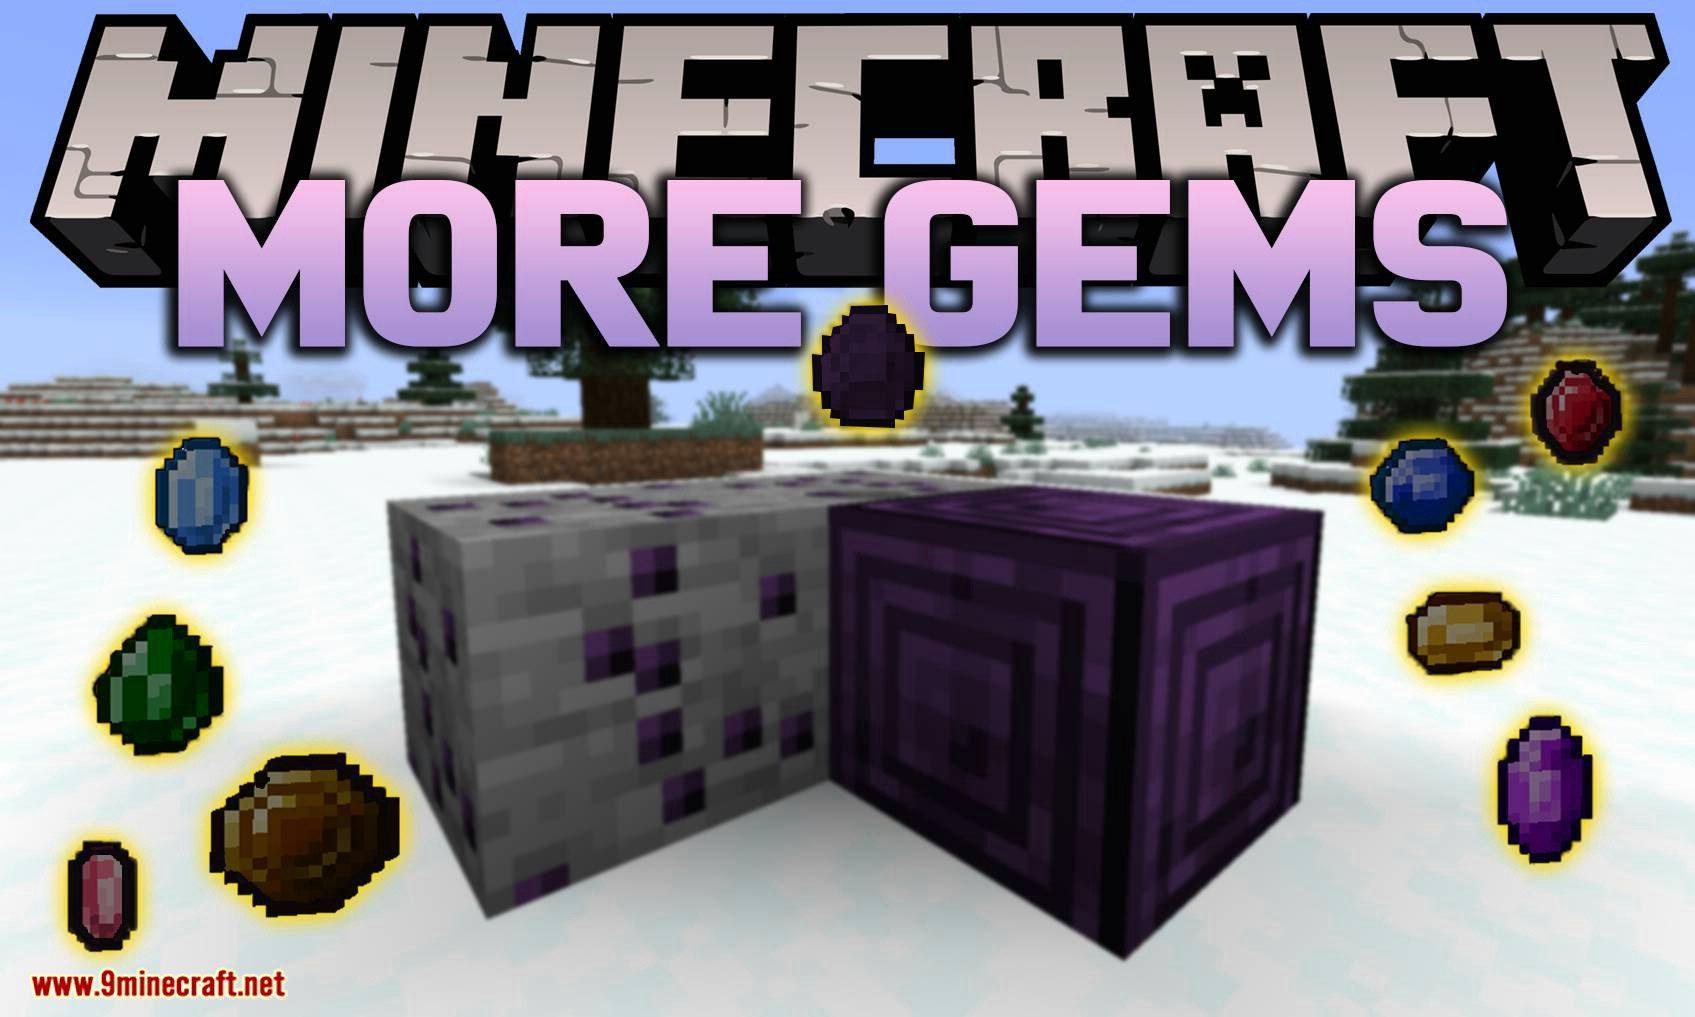 More Gems mod for minecraft logo